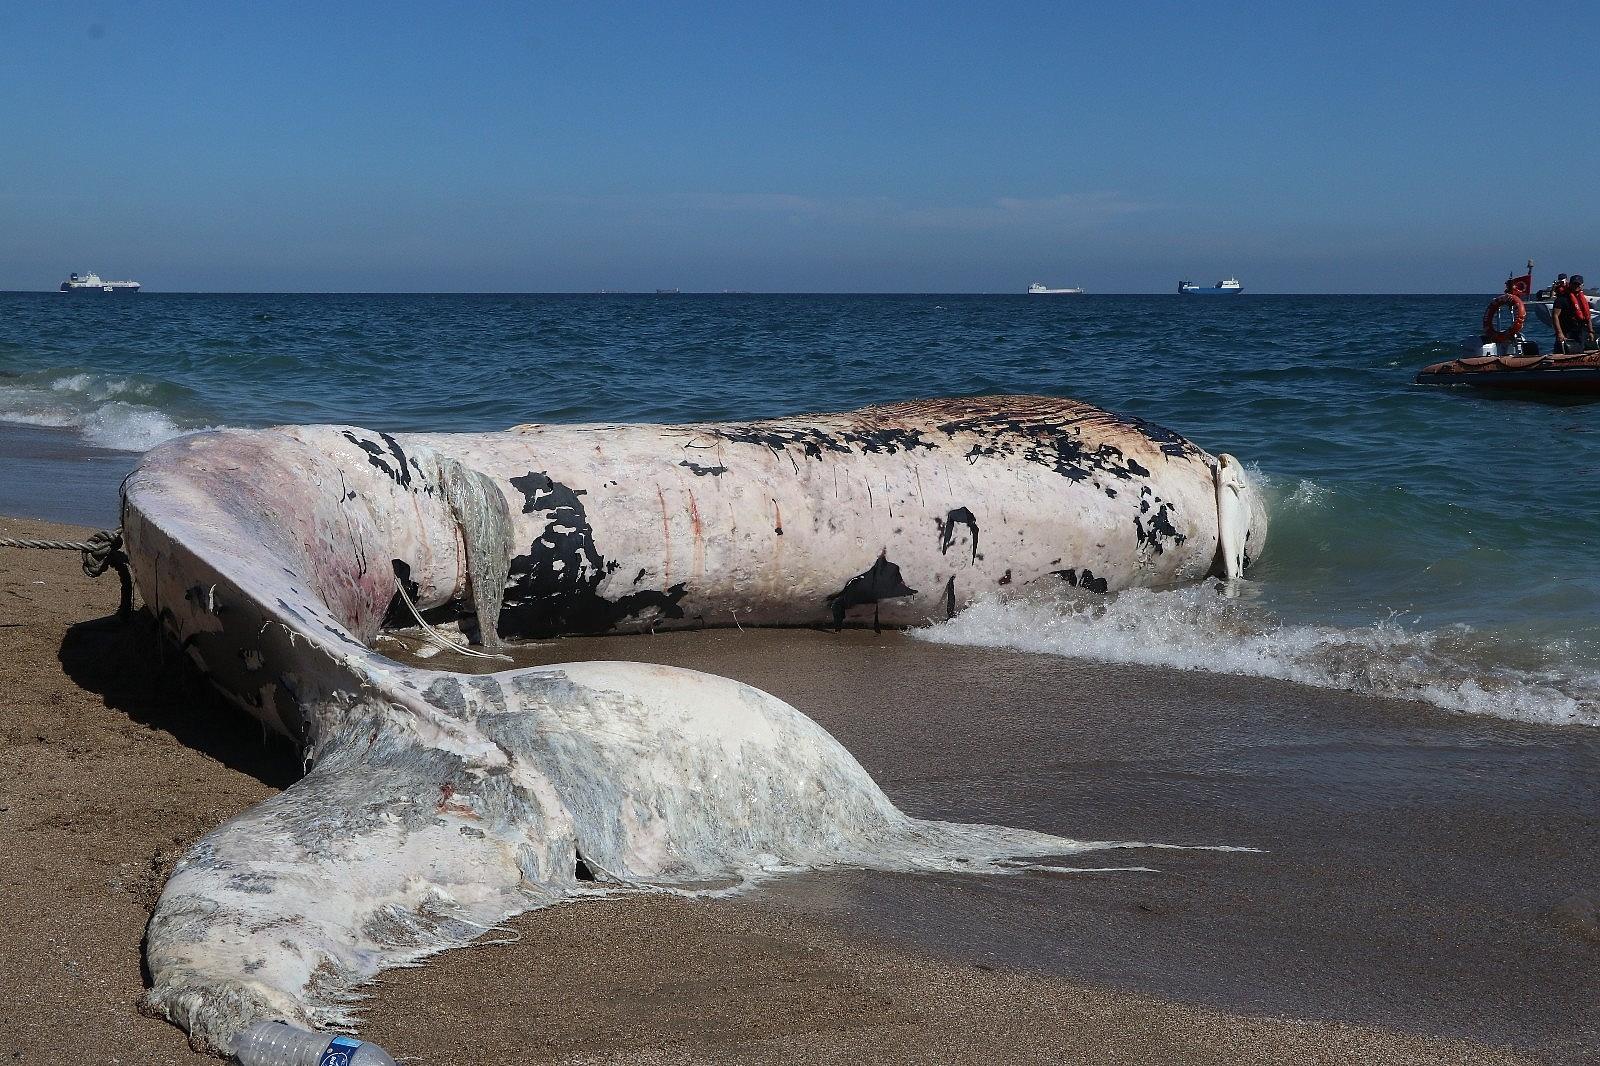 2021/05/mersin-sahile-cikarilan-dev-balina-gorenleri-saskina-cevirdi-20210513AW31-8.jpg